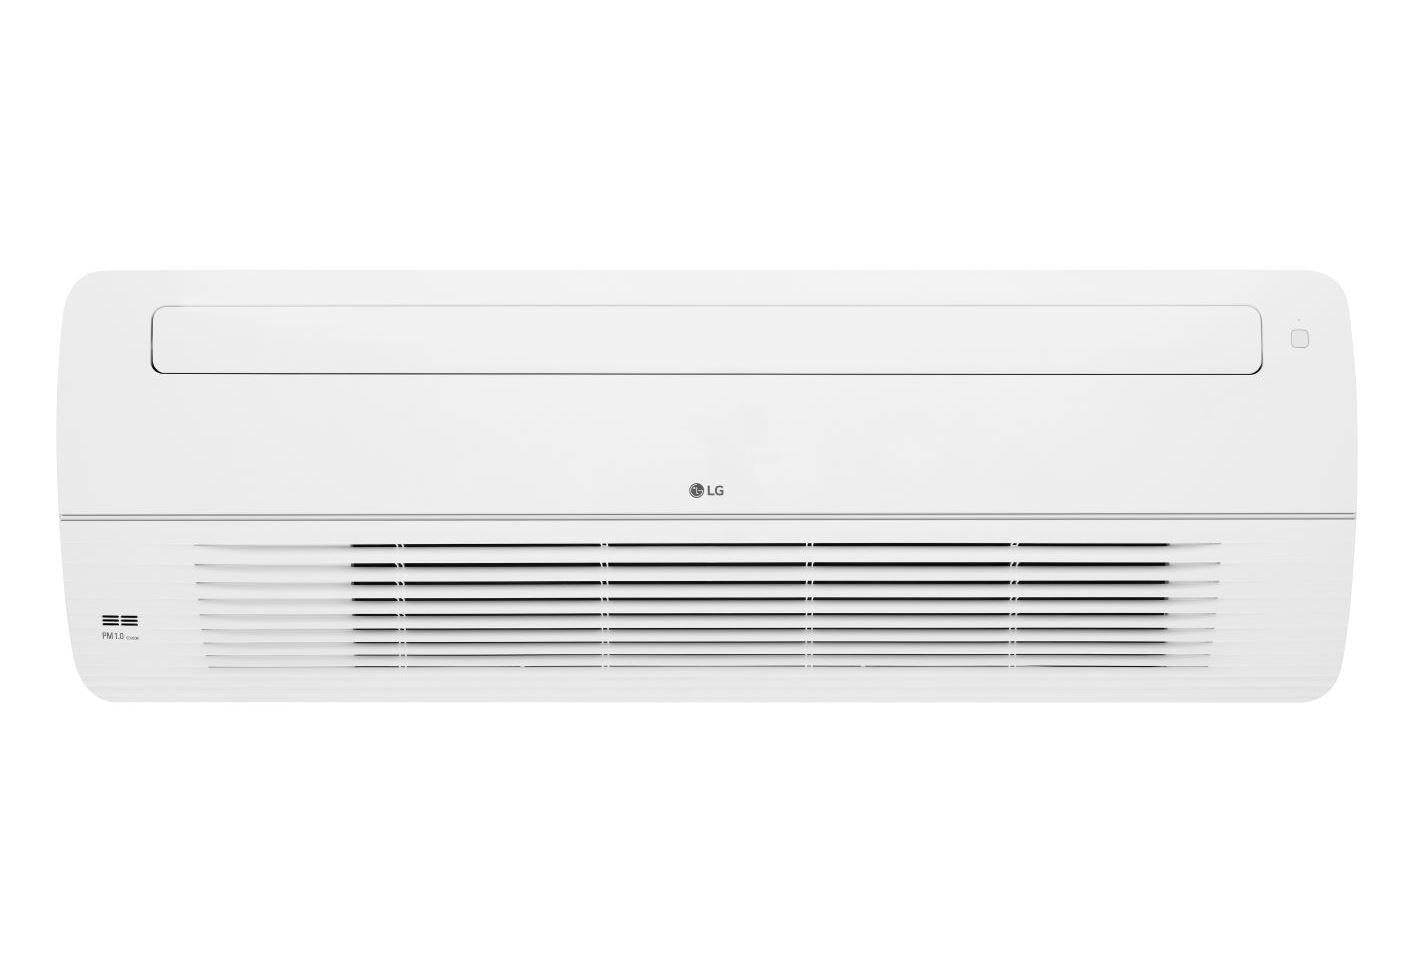 Η LG παρουσιάζει τη νέα μονάδα επαγγελματικού κλιματισμού με την καινοτόμα λειτουργία καθαρισμού αέρα